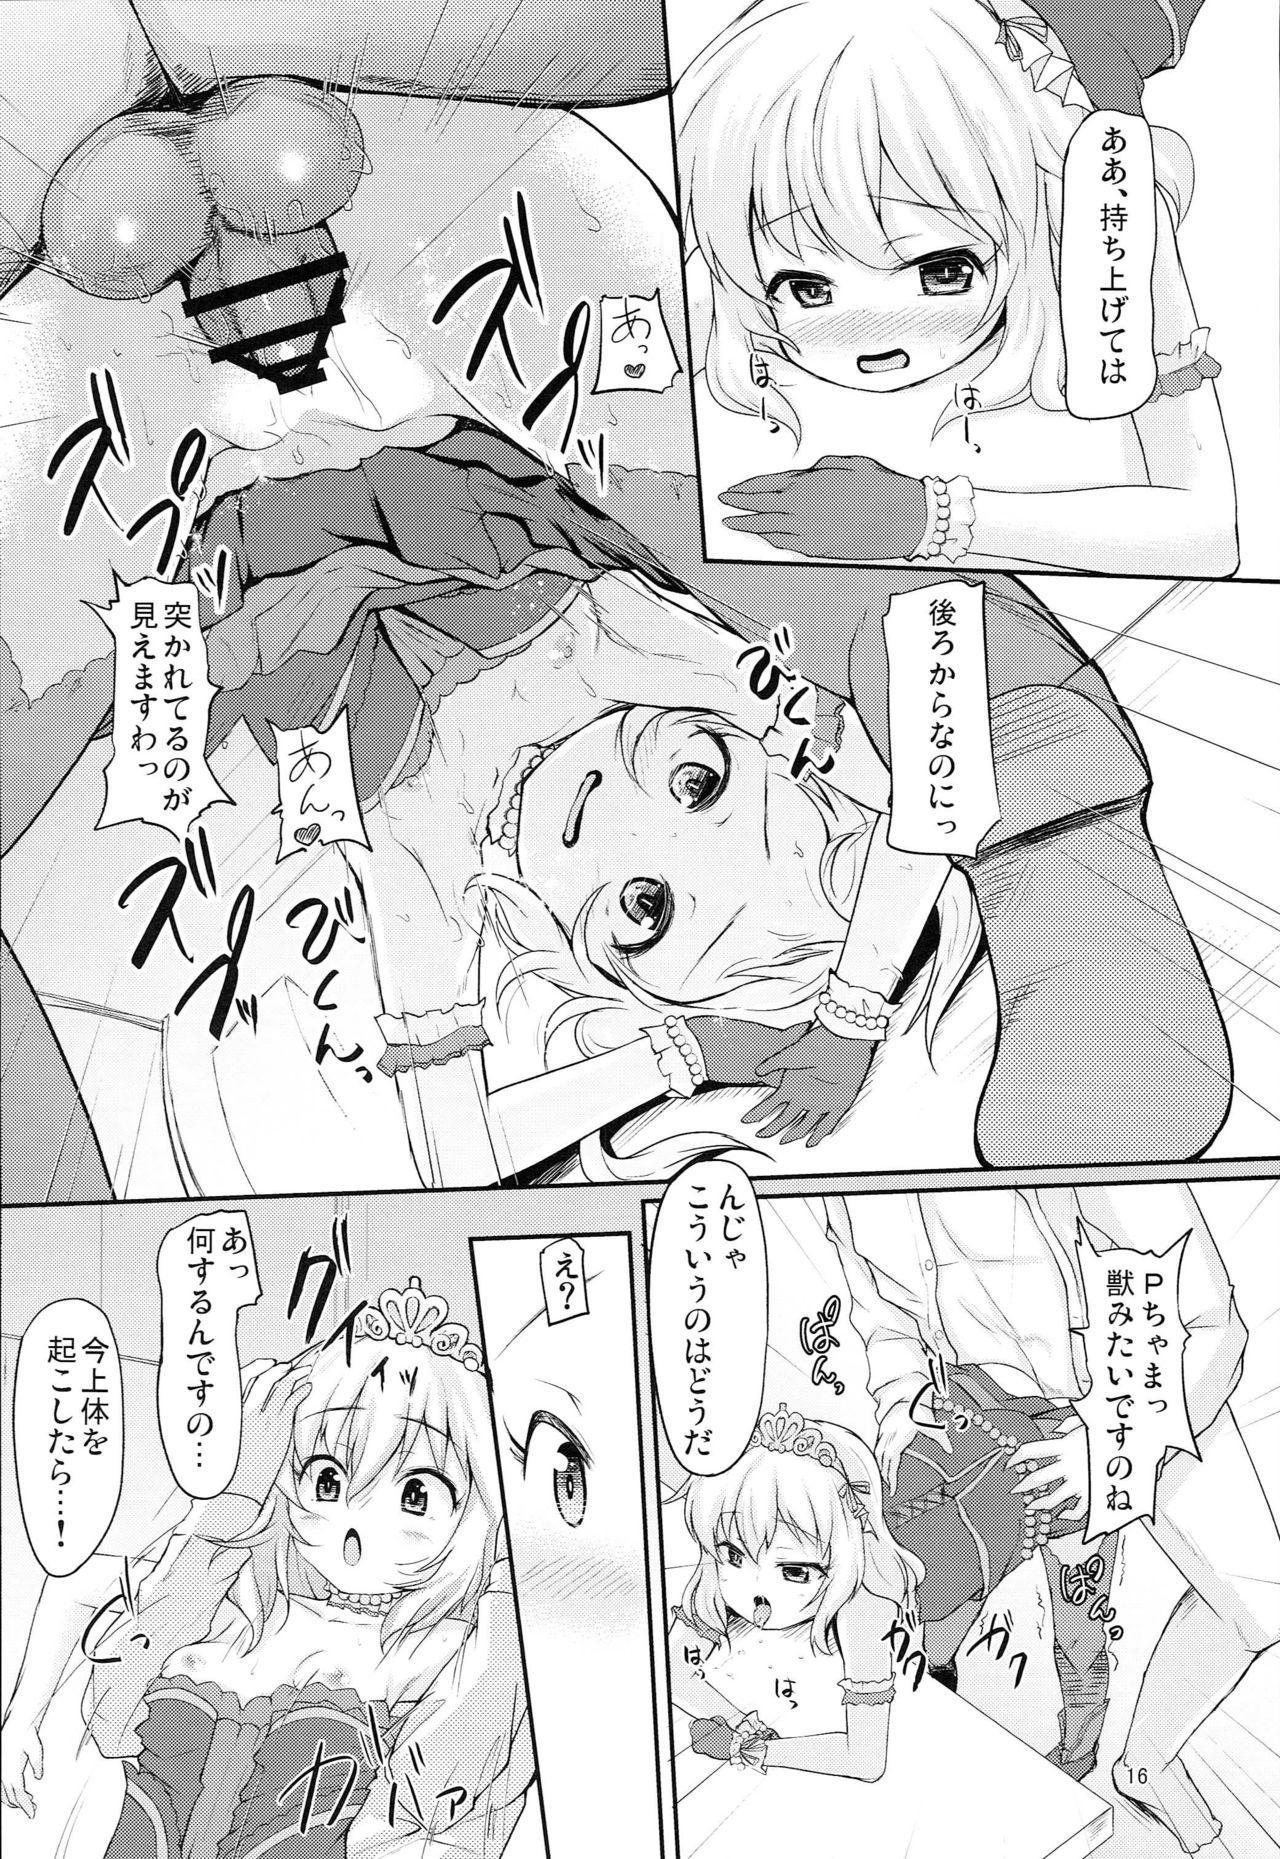 Arisu to Momoka no Oaji wa Ikaga 14